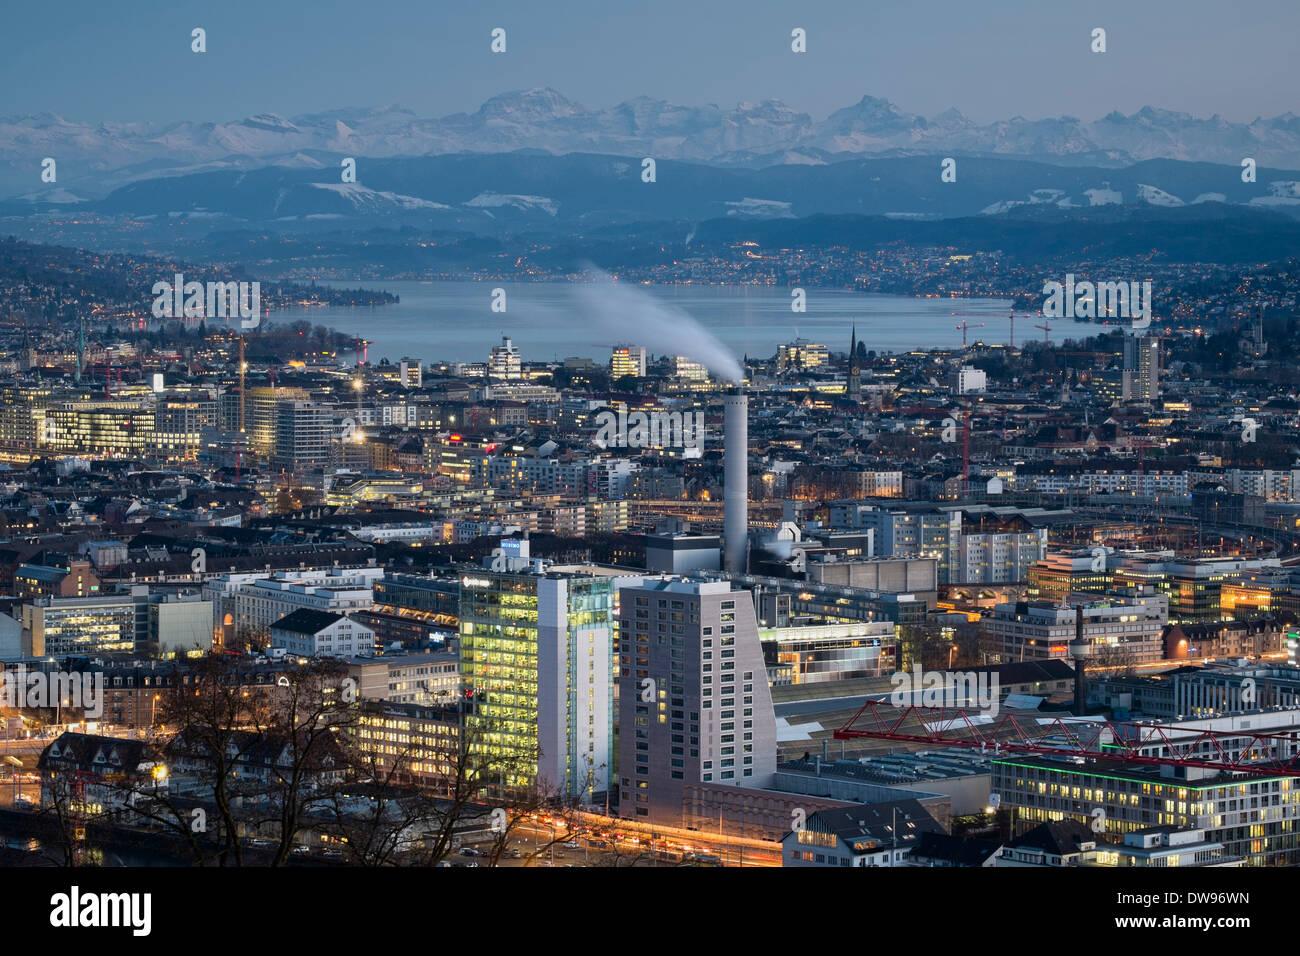 Cityscape, il lago di Zurigo nella parte posteriore, Alpi svizzere all'orizzonte, Zurigo, Svizzera Immagini Stock